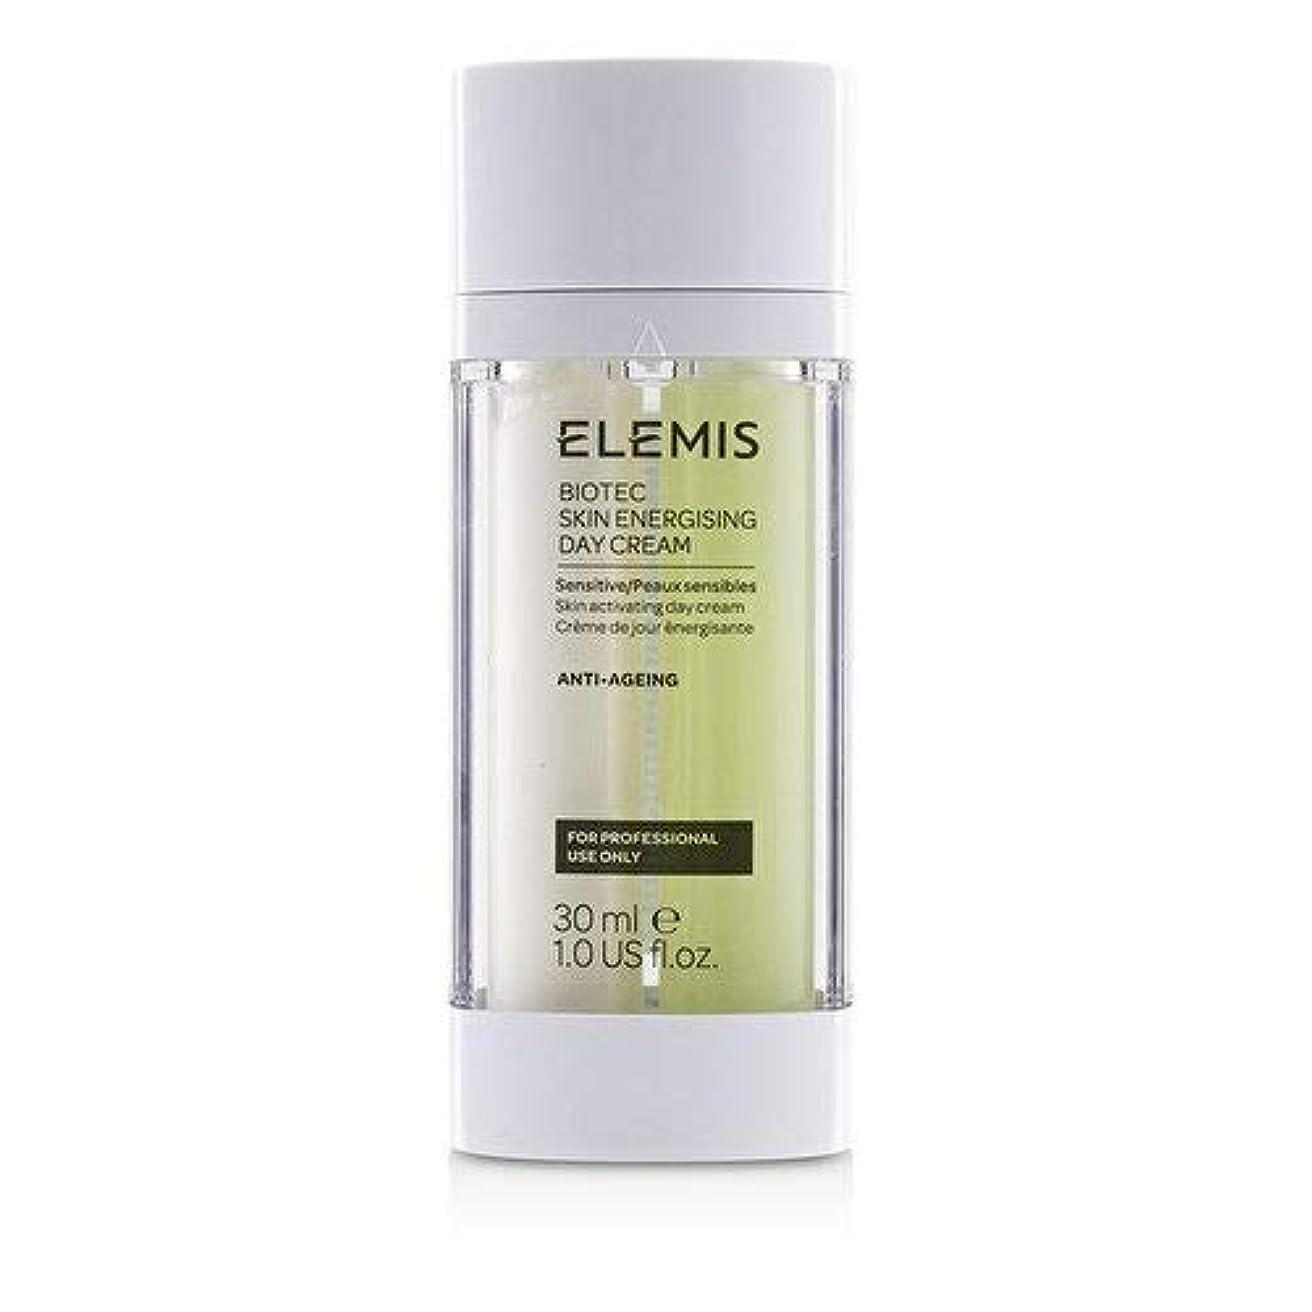 独裁ピアース予測子エレミス BIOTEC Skin Energising Day Cream - Sensitive (Salon Product) 30ml/1oz並行輸入品